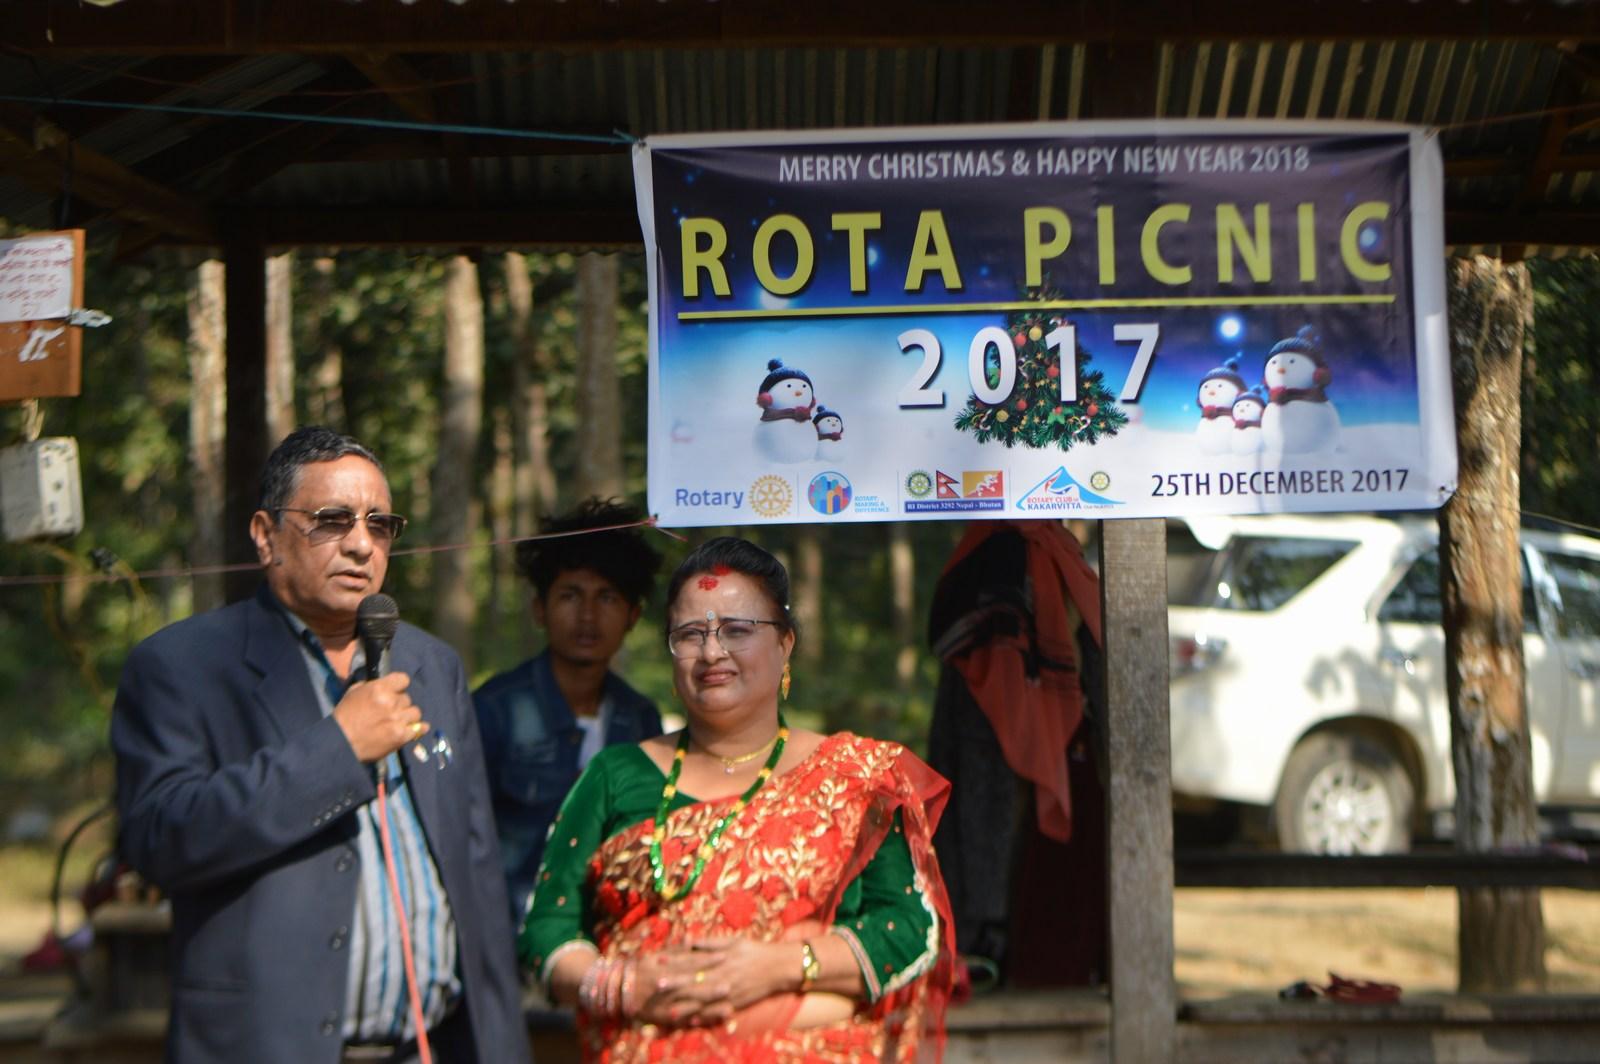 Rota-Picnic-2017-Rotary-Club-of-Kakarvitta-73